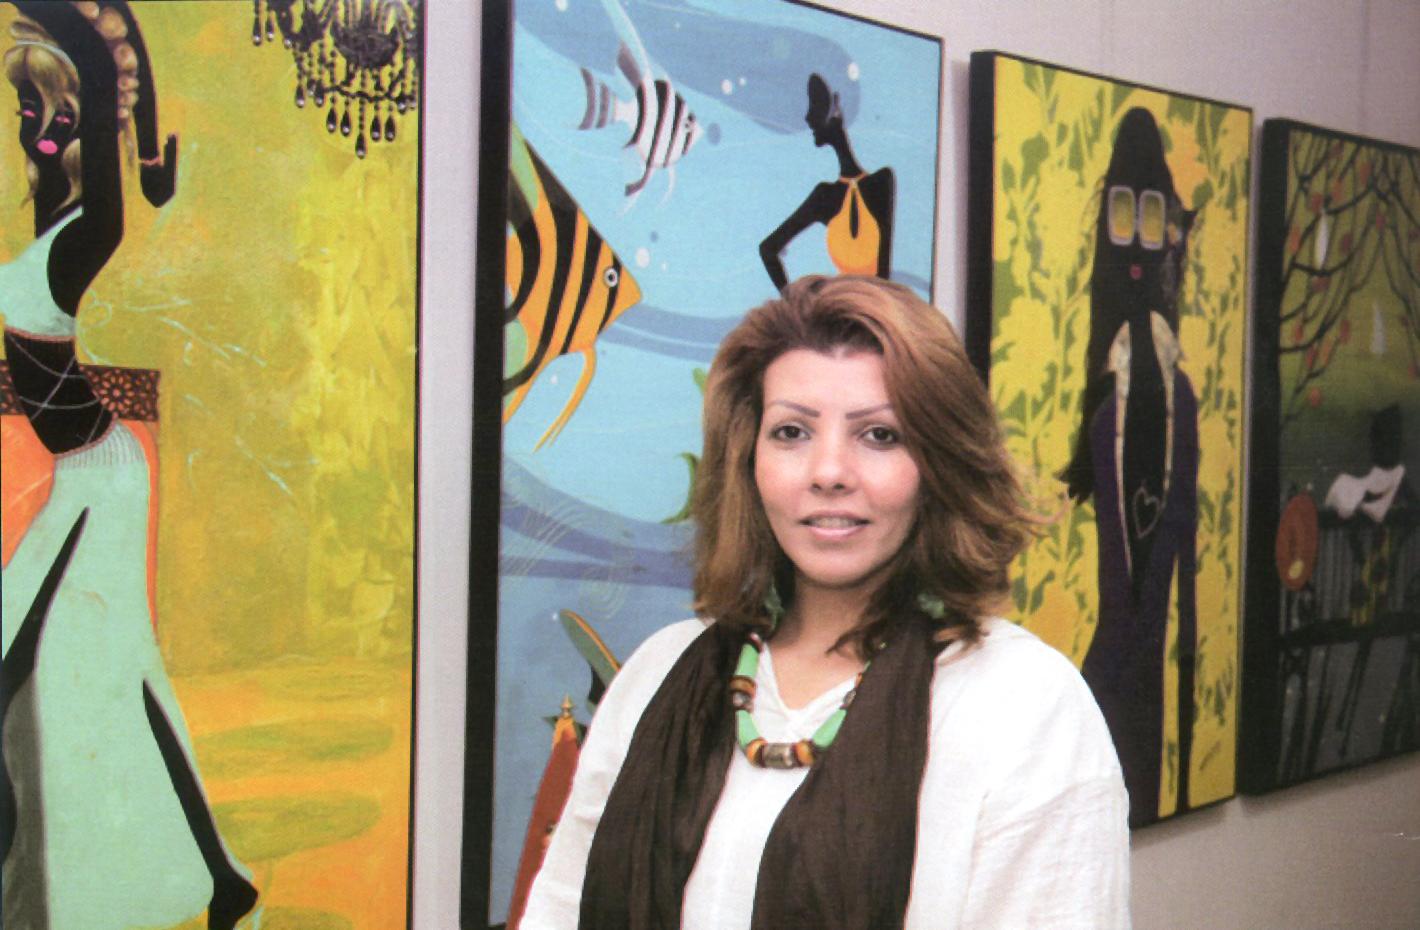 L'artiste peintre Soumia Drissi Alami expose à l'américaine